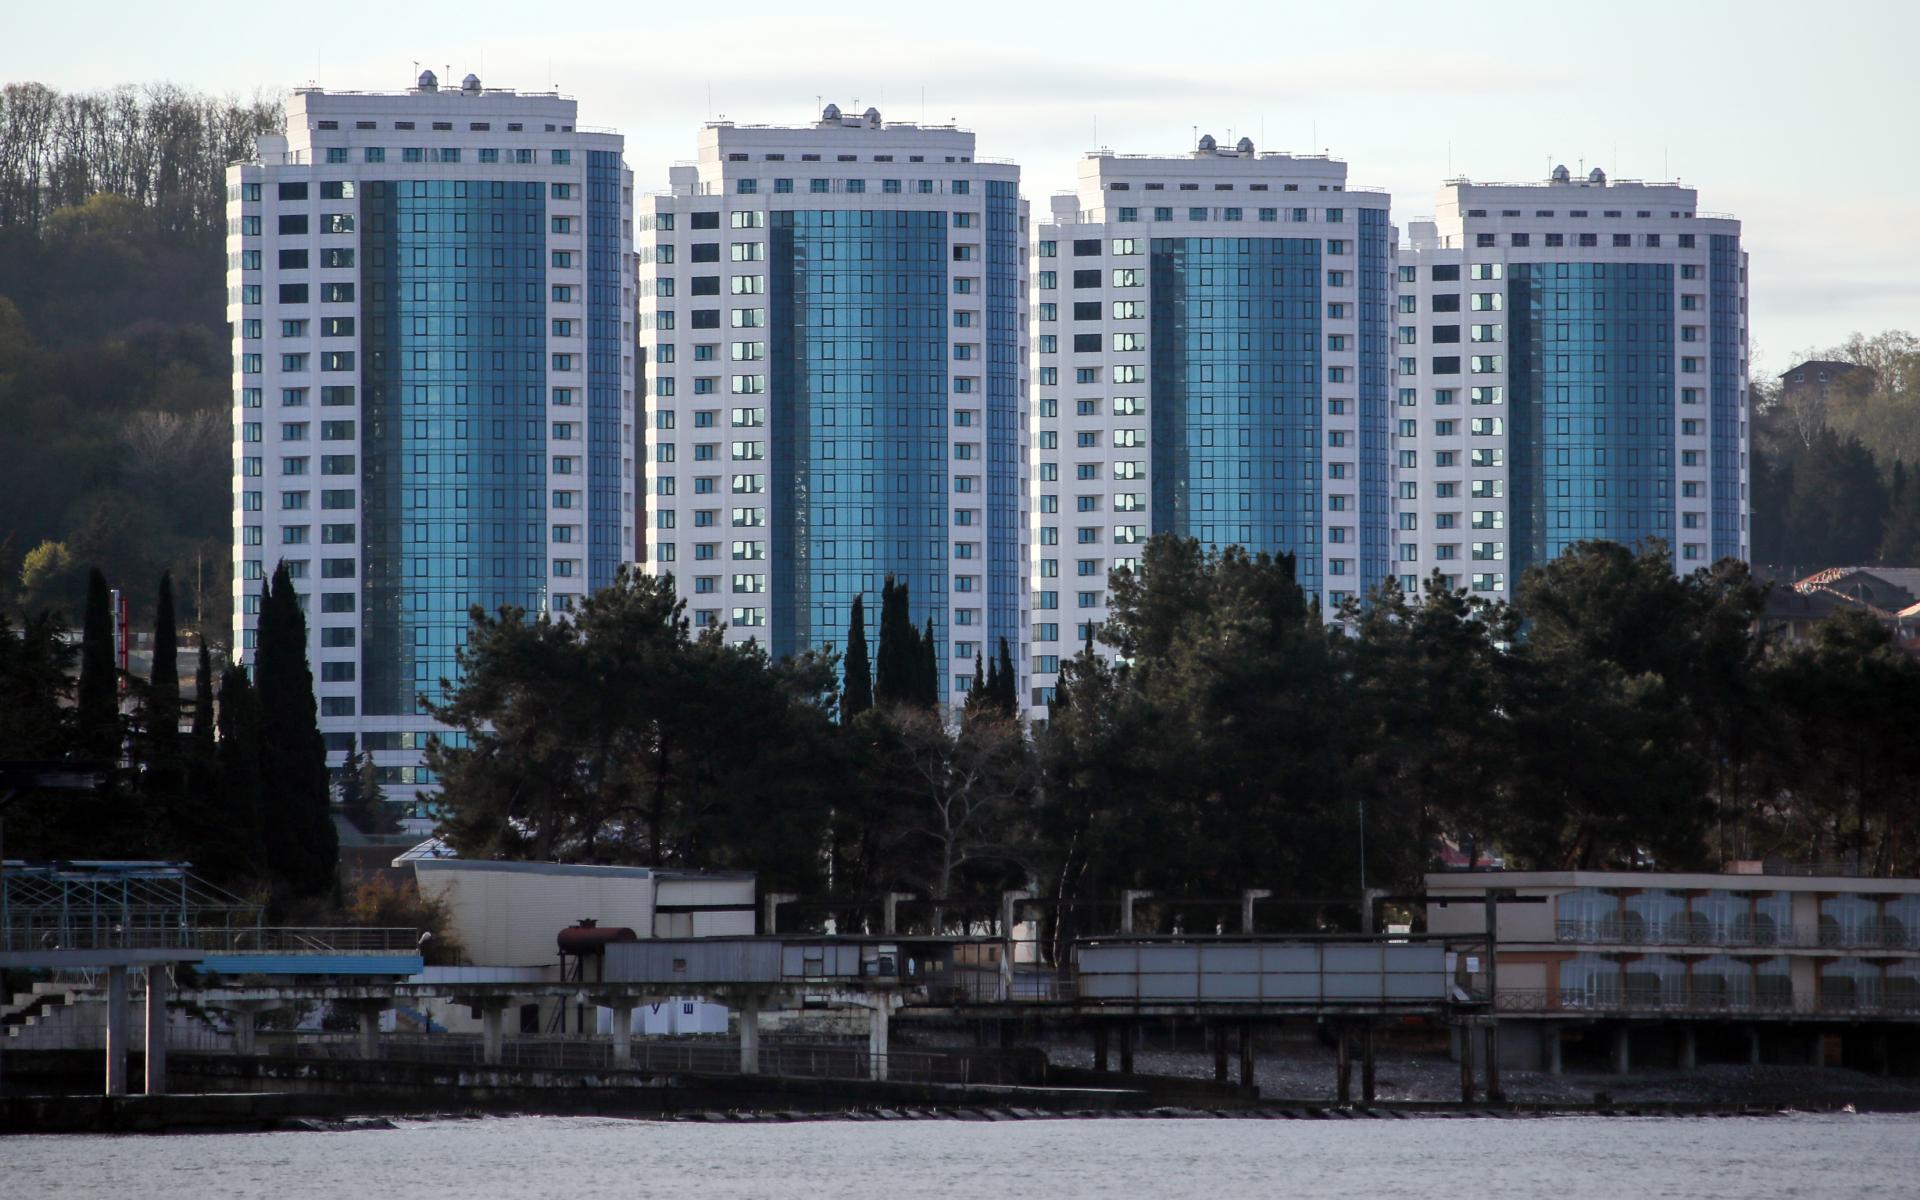 Средняя стоимость 1 кв. м вторичного жилья в третьем квартале 2021 года сильнее всего выросла в Сочи — на 17,5%, до 183 тыс. руб.